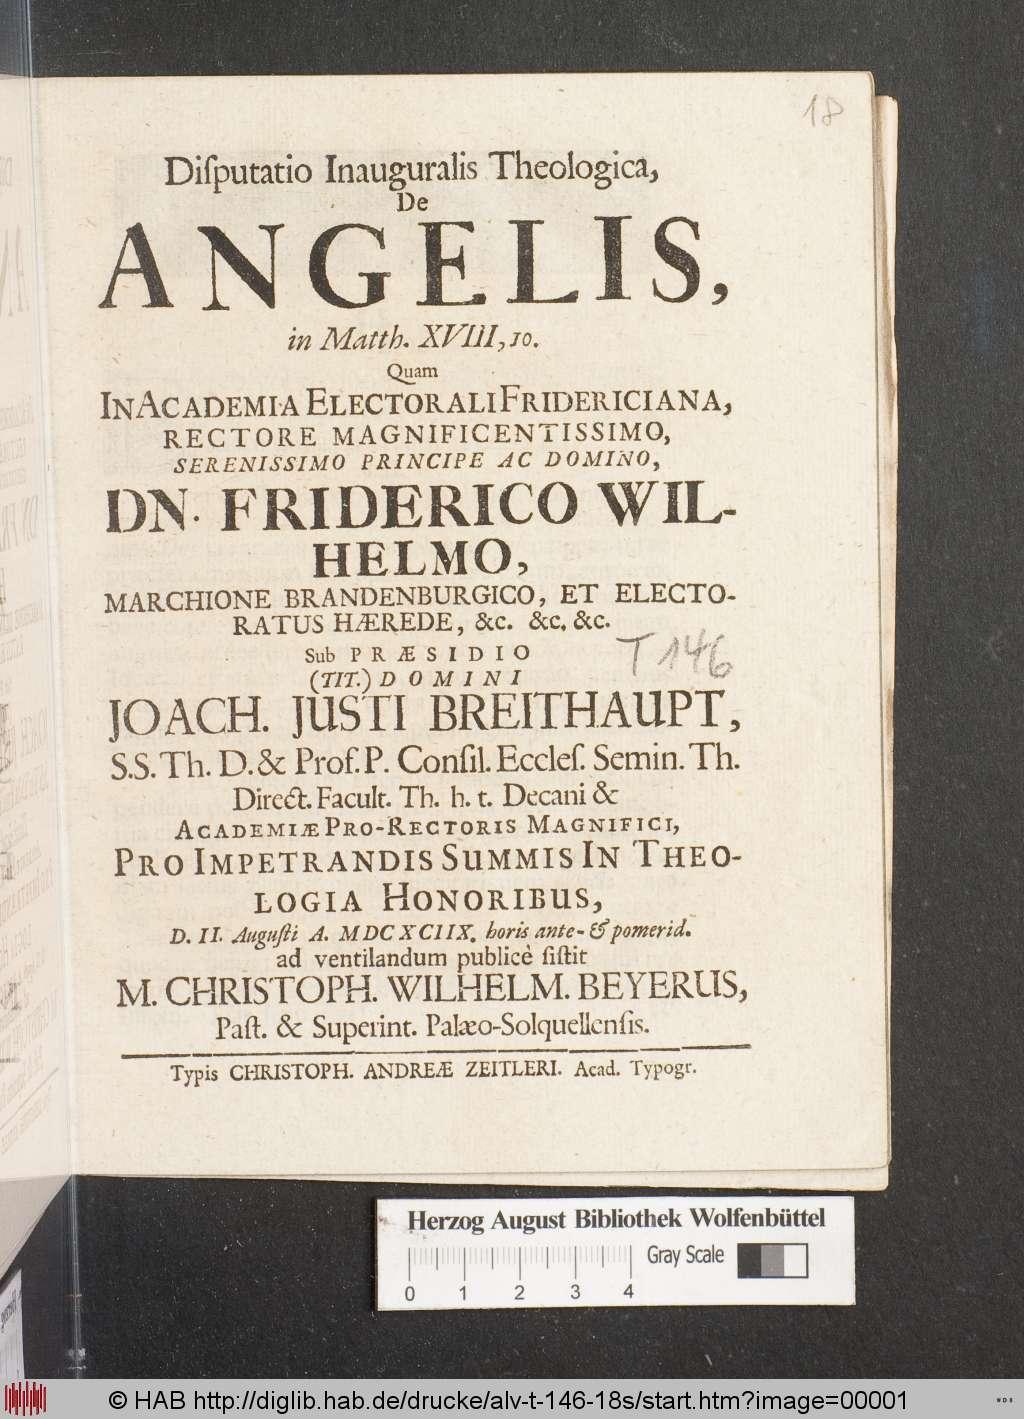 http://diglib.hab.de/drucke/alv-t-146-18s/00001.jpg